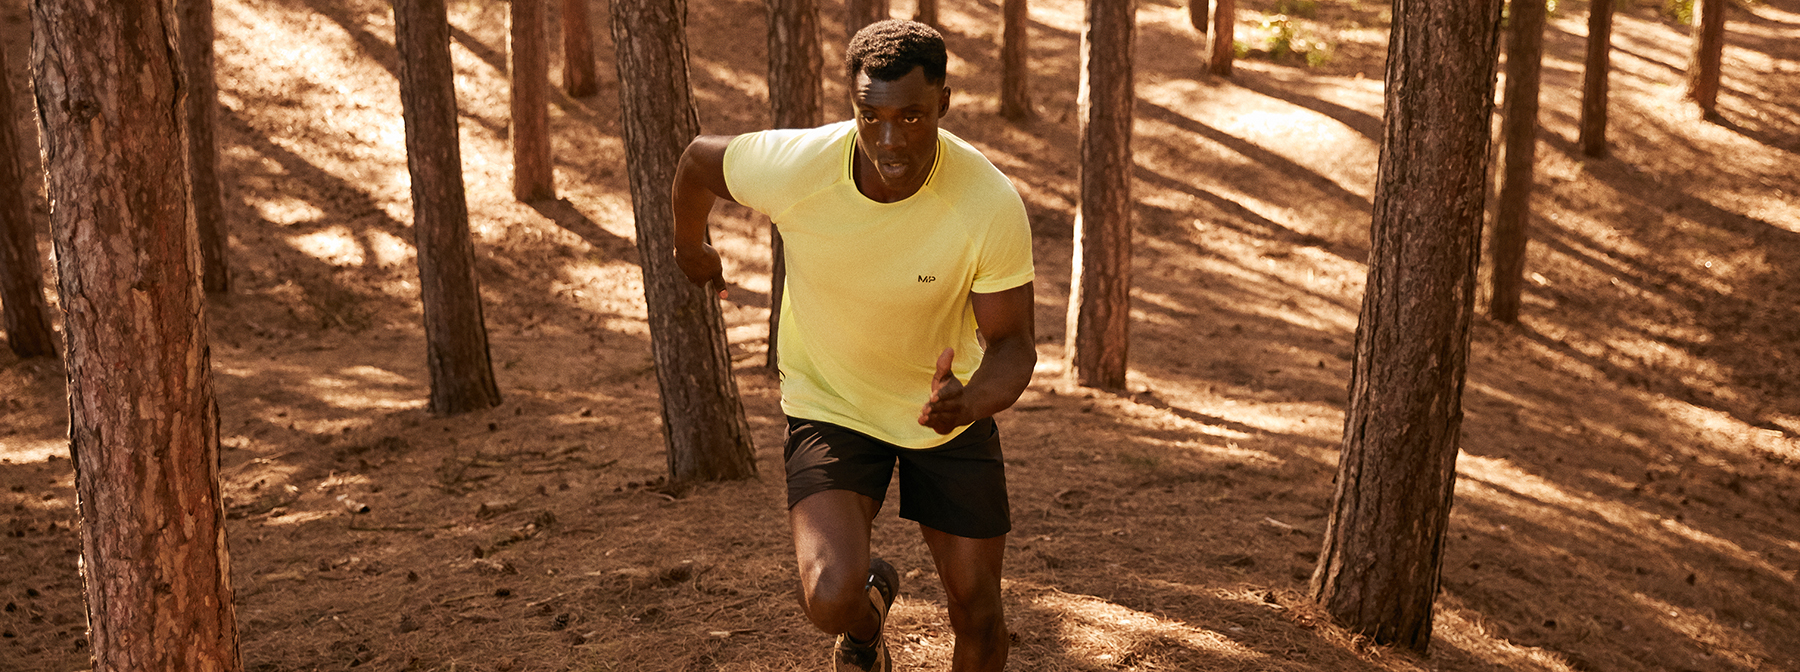 Cardio-training, Endurance et Musculation – 5 astuces pour améliorer vos performances